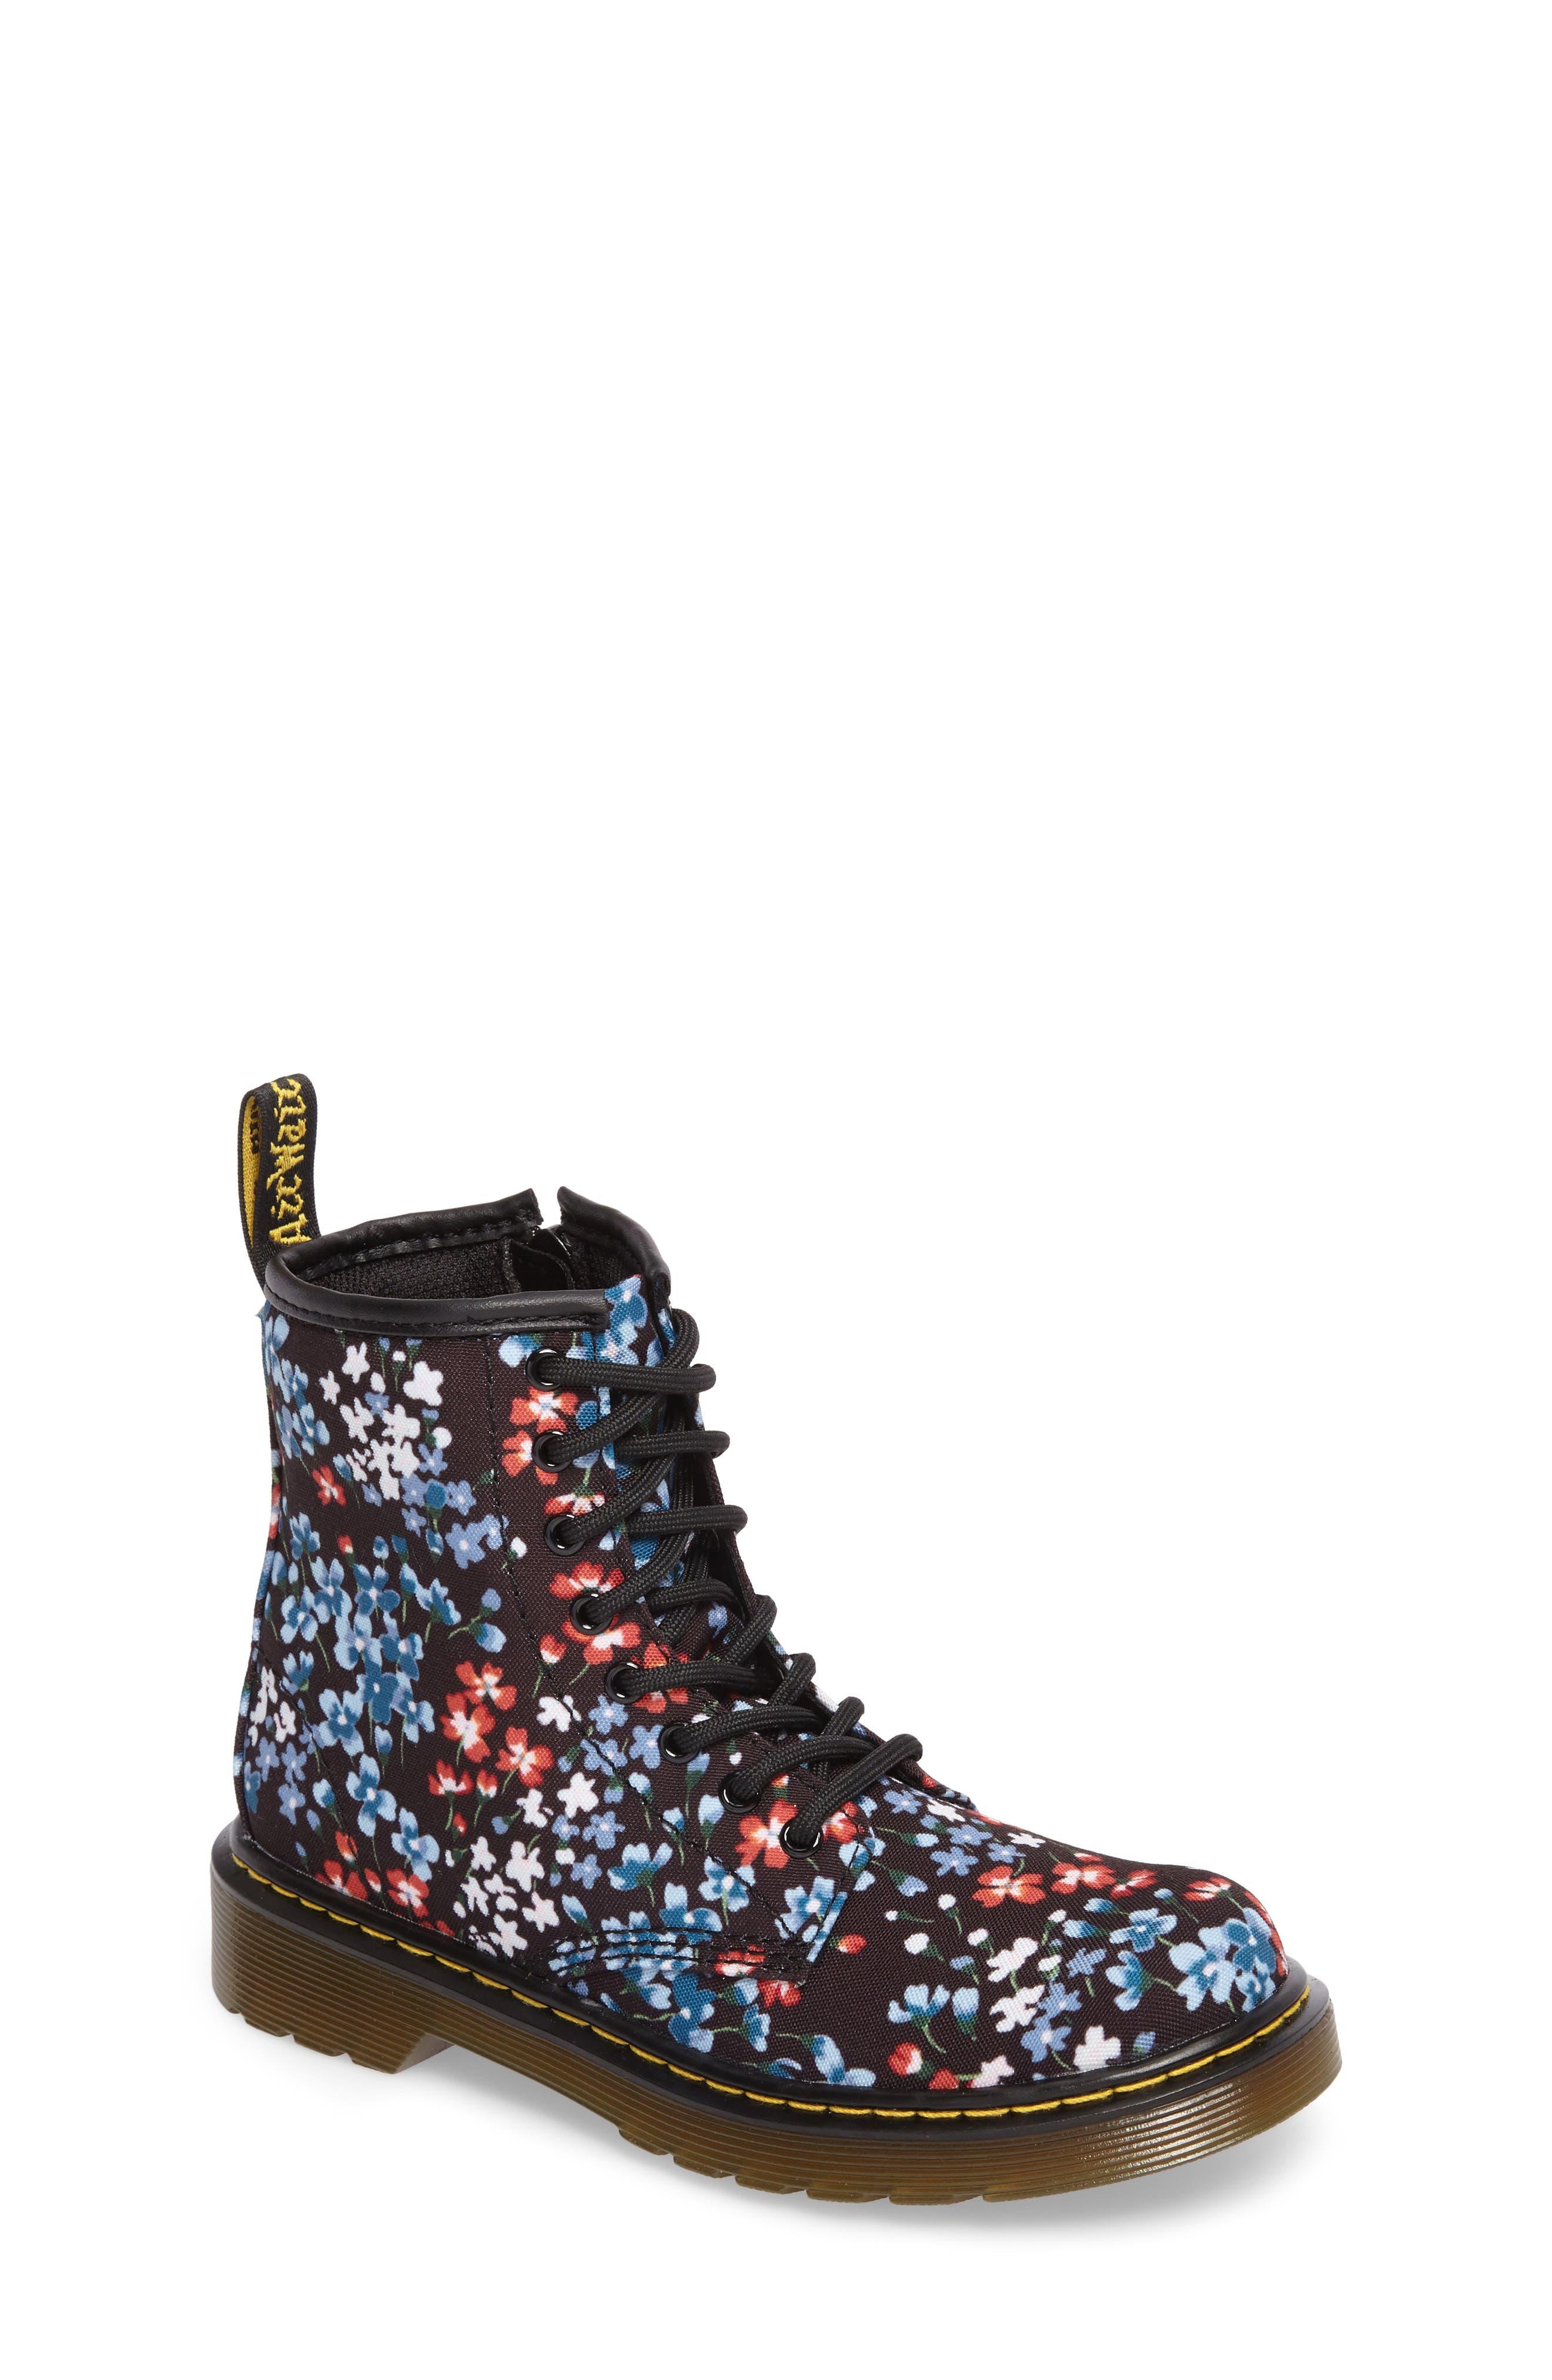 Dr. Martens Delaney Floral Boot (Toddler, Little Kid & Big Kid)